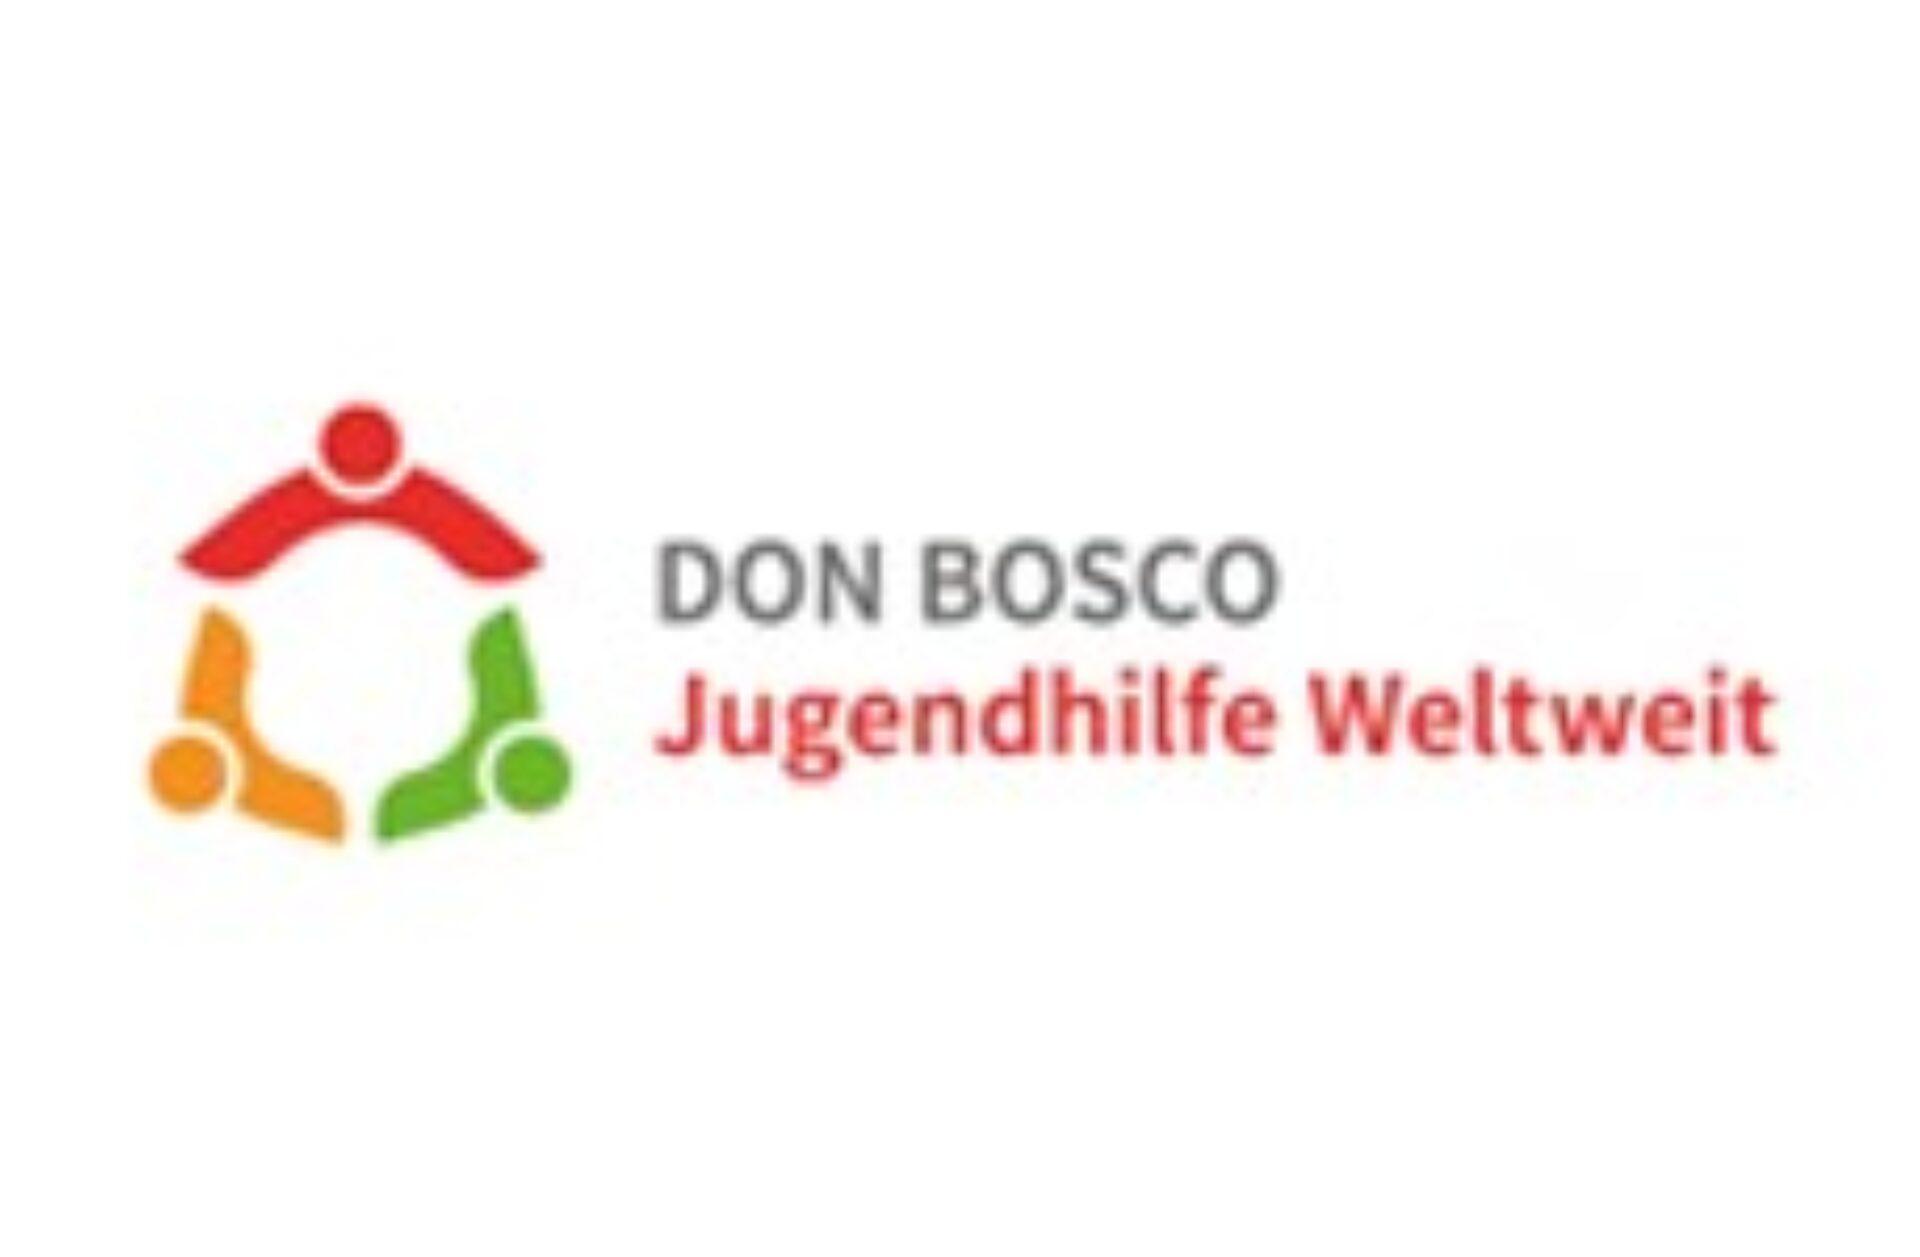 Don Bosco Jugendhilfe Weltweit